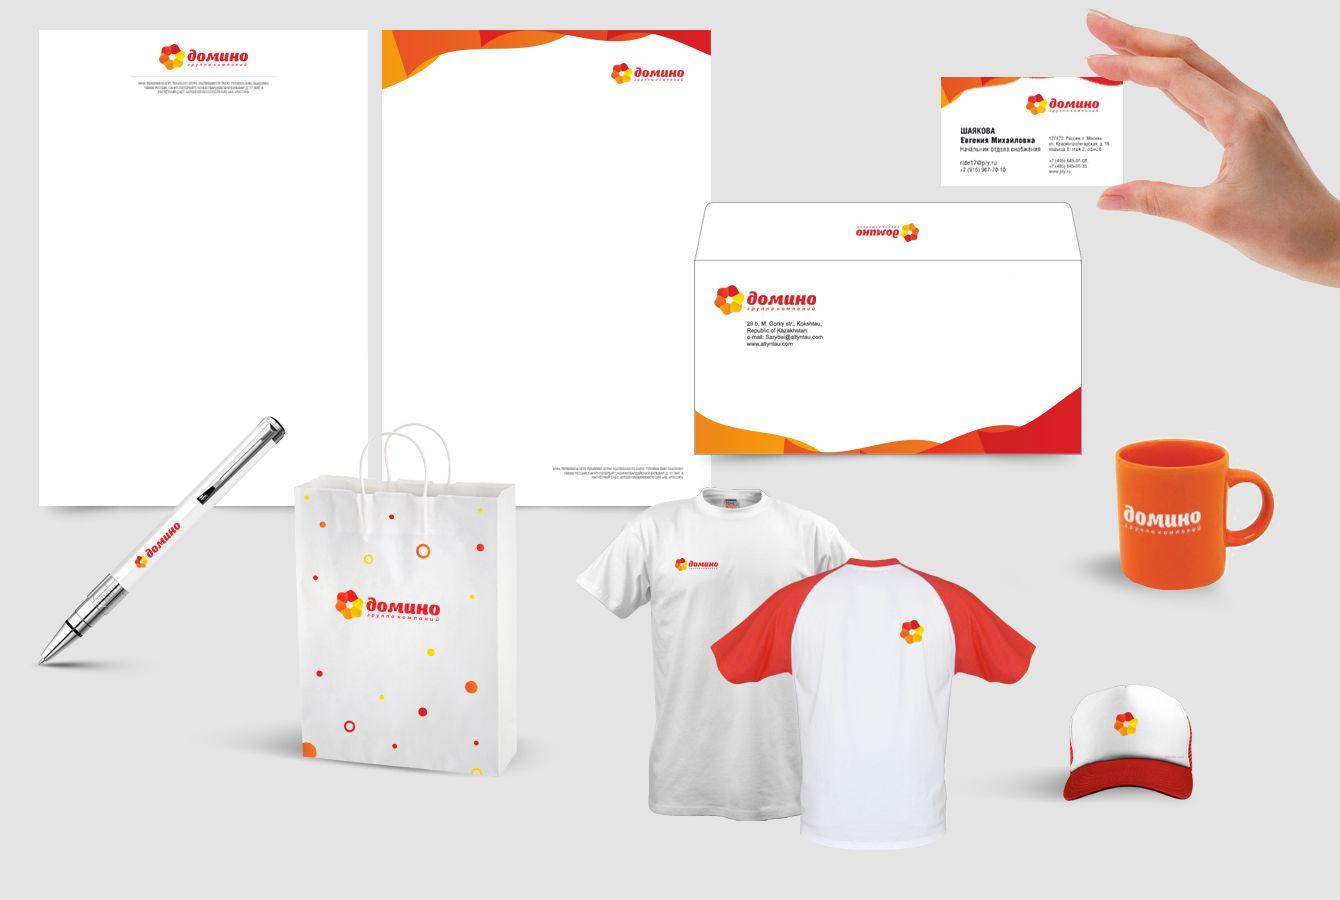 Разработка фирменного стиля (логотип готовый)  - дизайнер daniel79